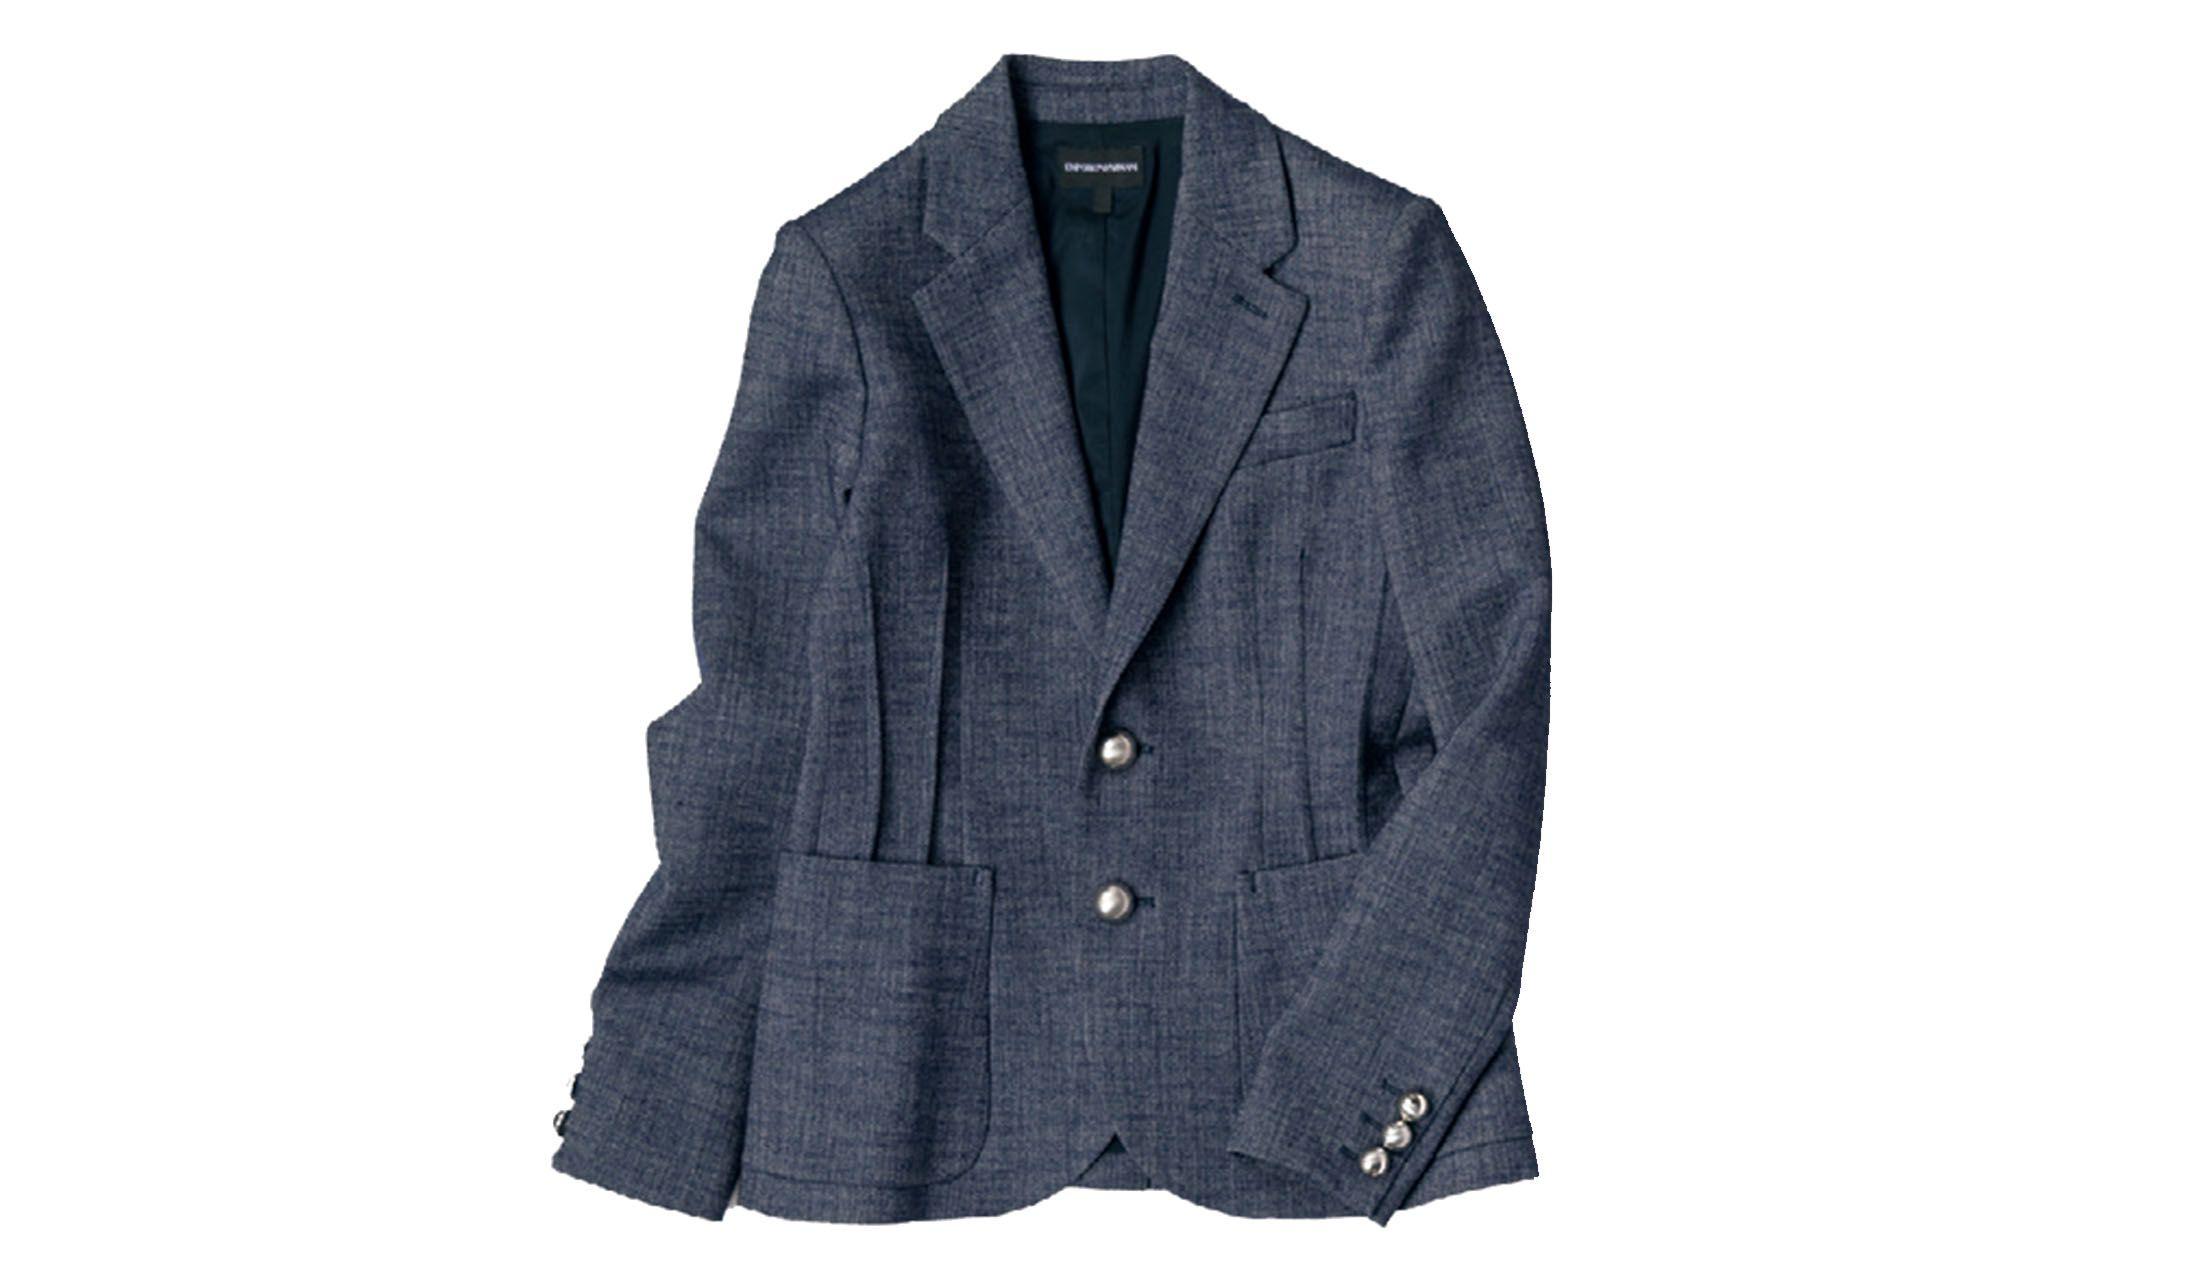 エンポリオ アルマーニのメランジネイビーのトラッドジャケット